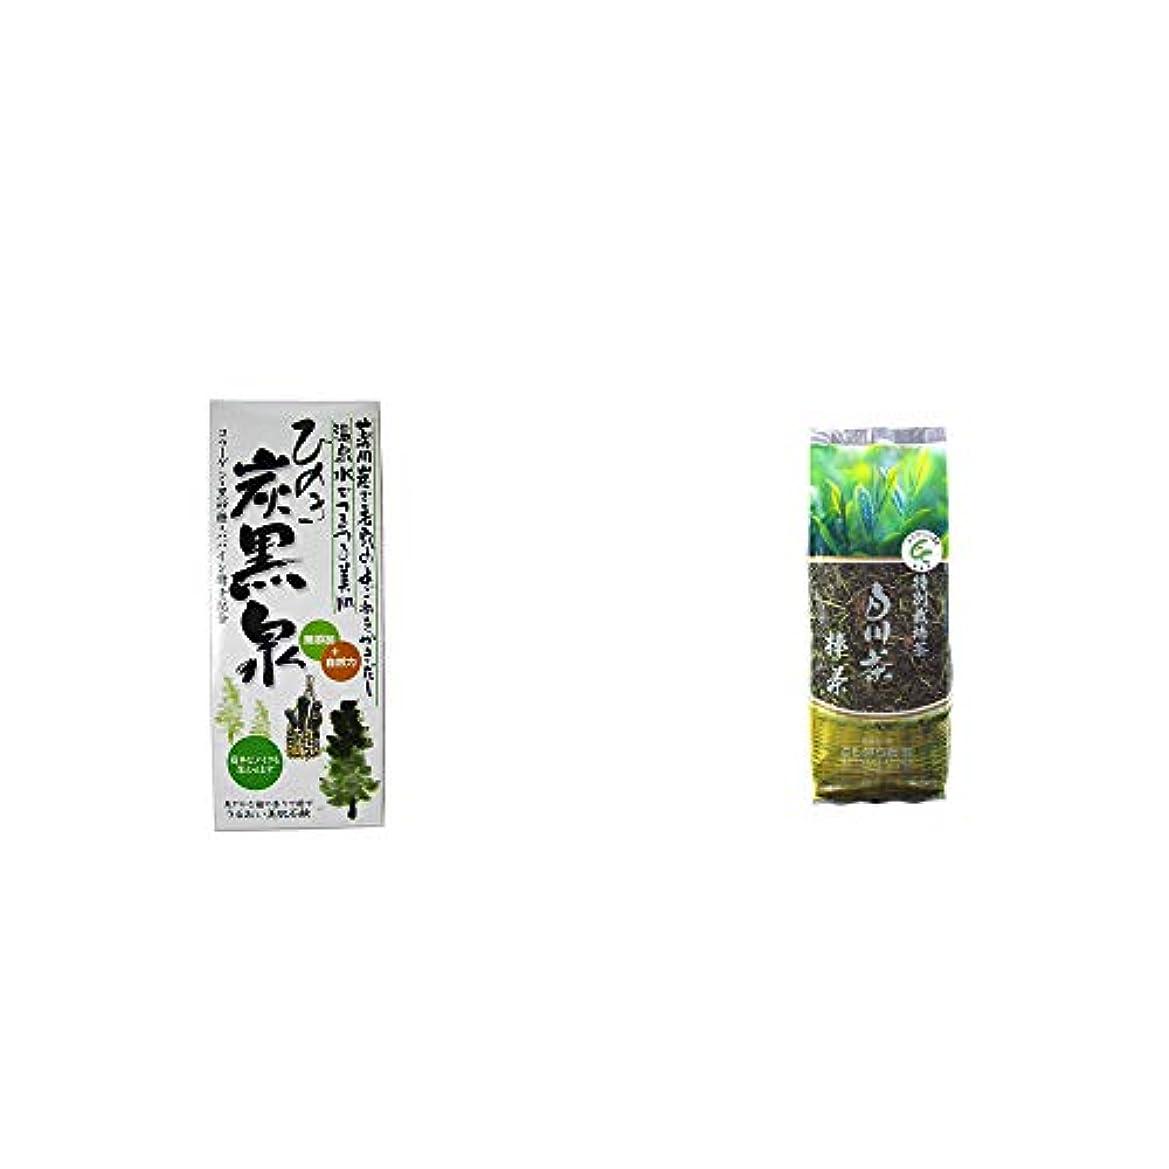 [2点セット] ひのき炭黒泉 箱入り(75g×3)?白川茶 特別栽培茶【棒茶】(150g)